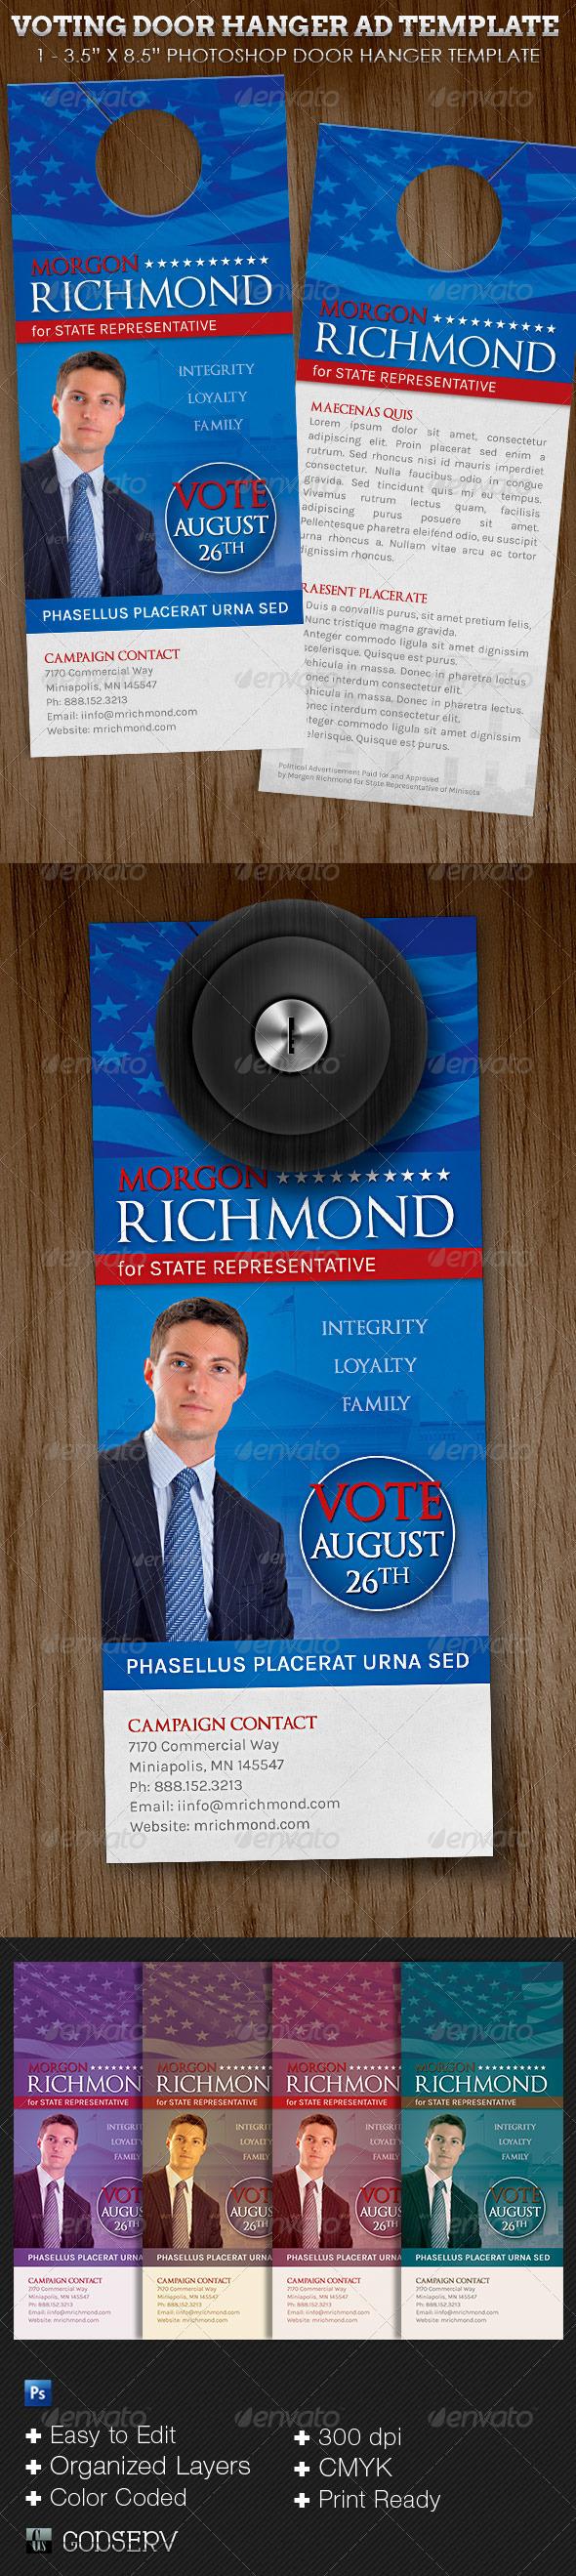 GraphicRiver Voting Campaign Door Hanger Template 6665329